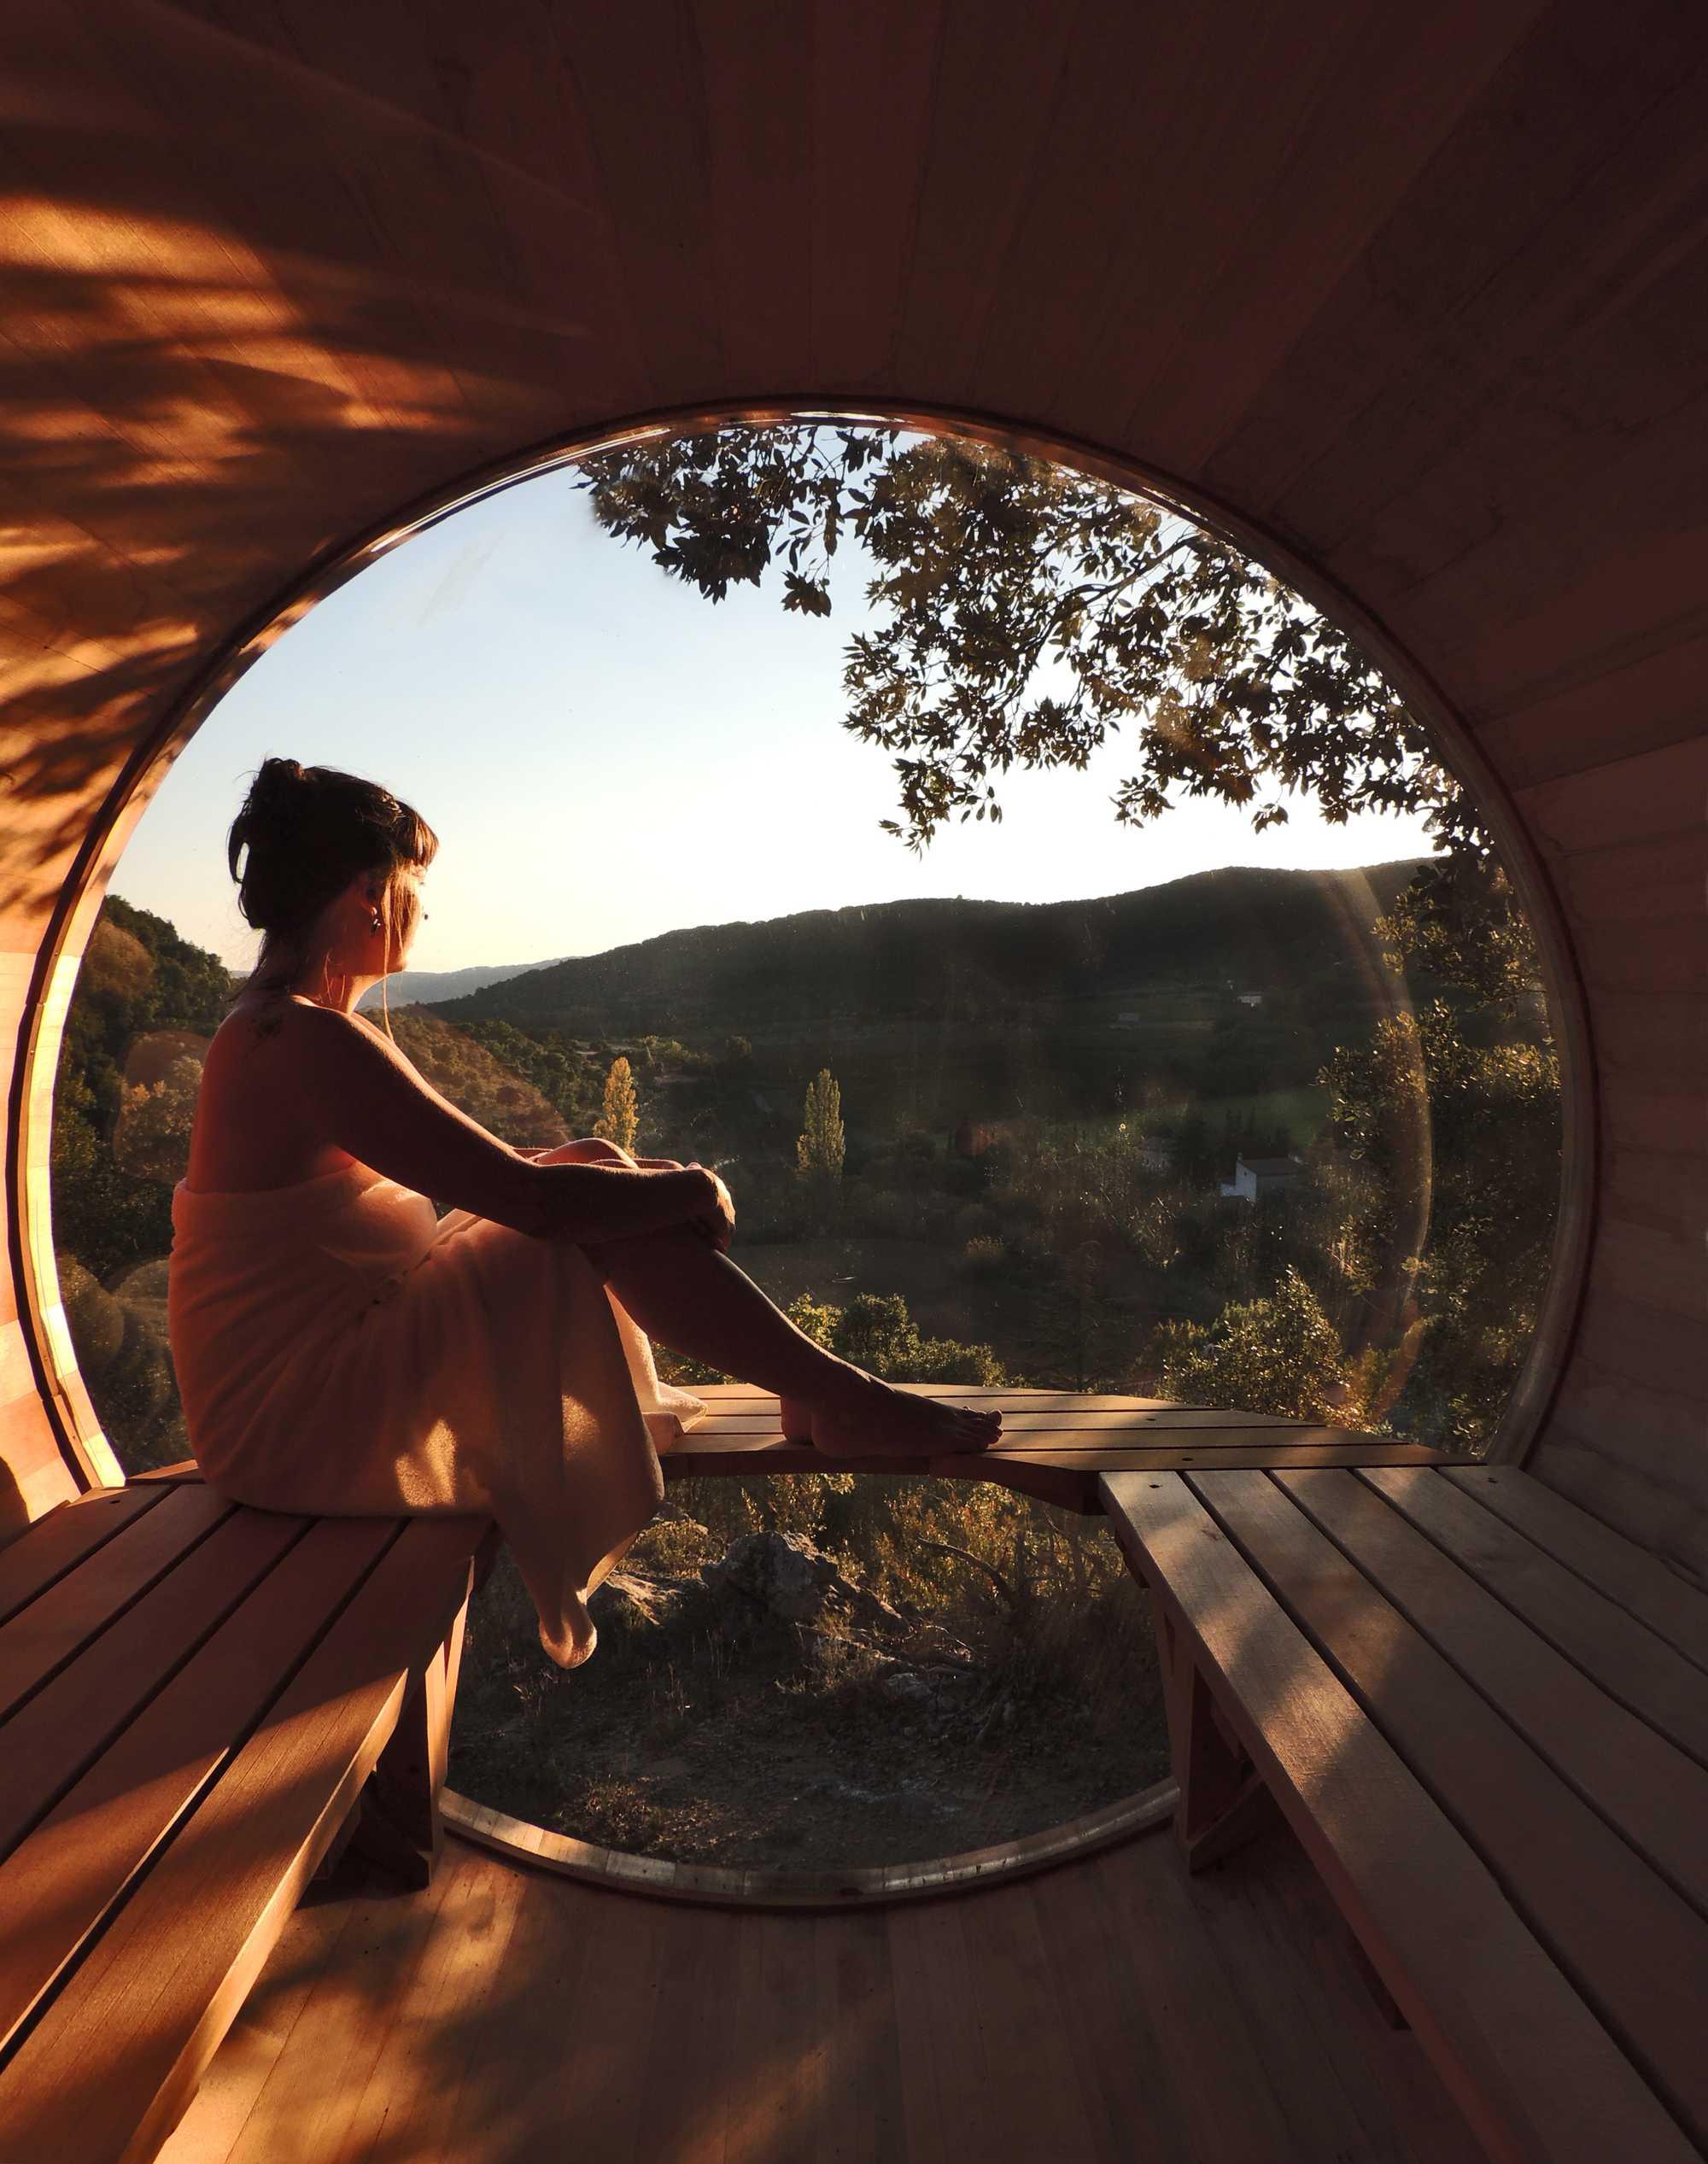 domaine sevenier camping 5 etoiles ardeche spa galerie photo 23 - domaine-sevenier-camping-5-etoiles-ardeche-spa-galerie-photo-23